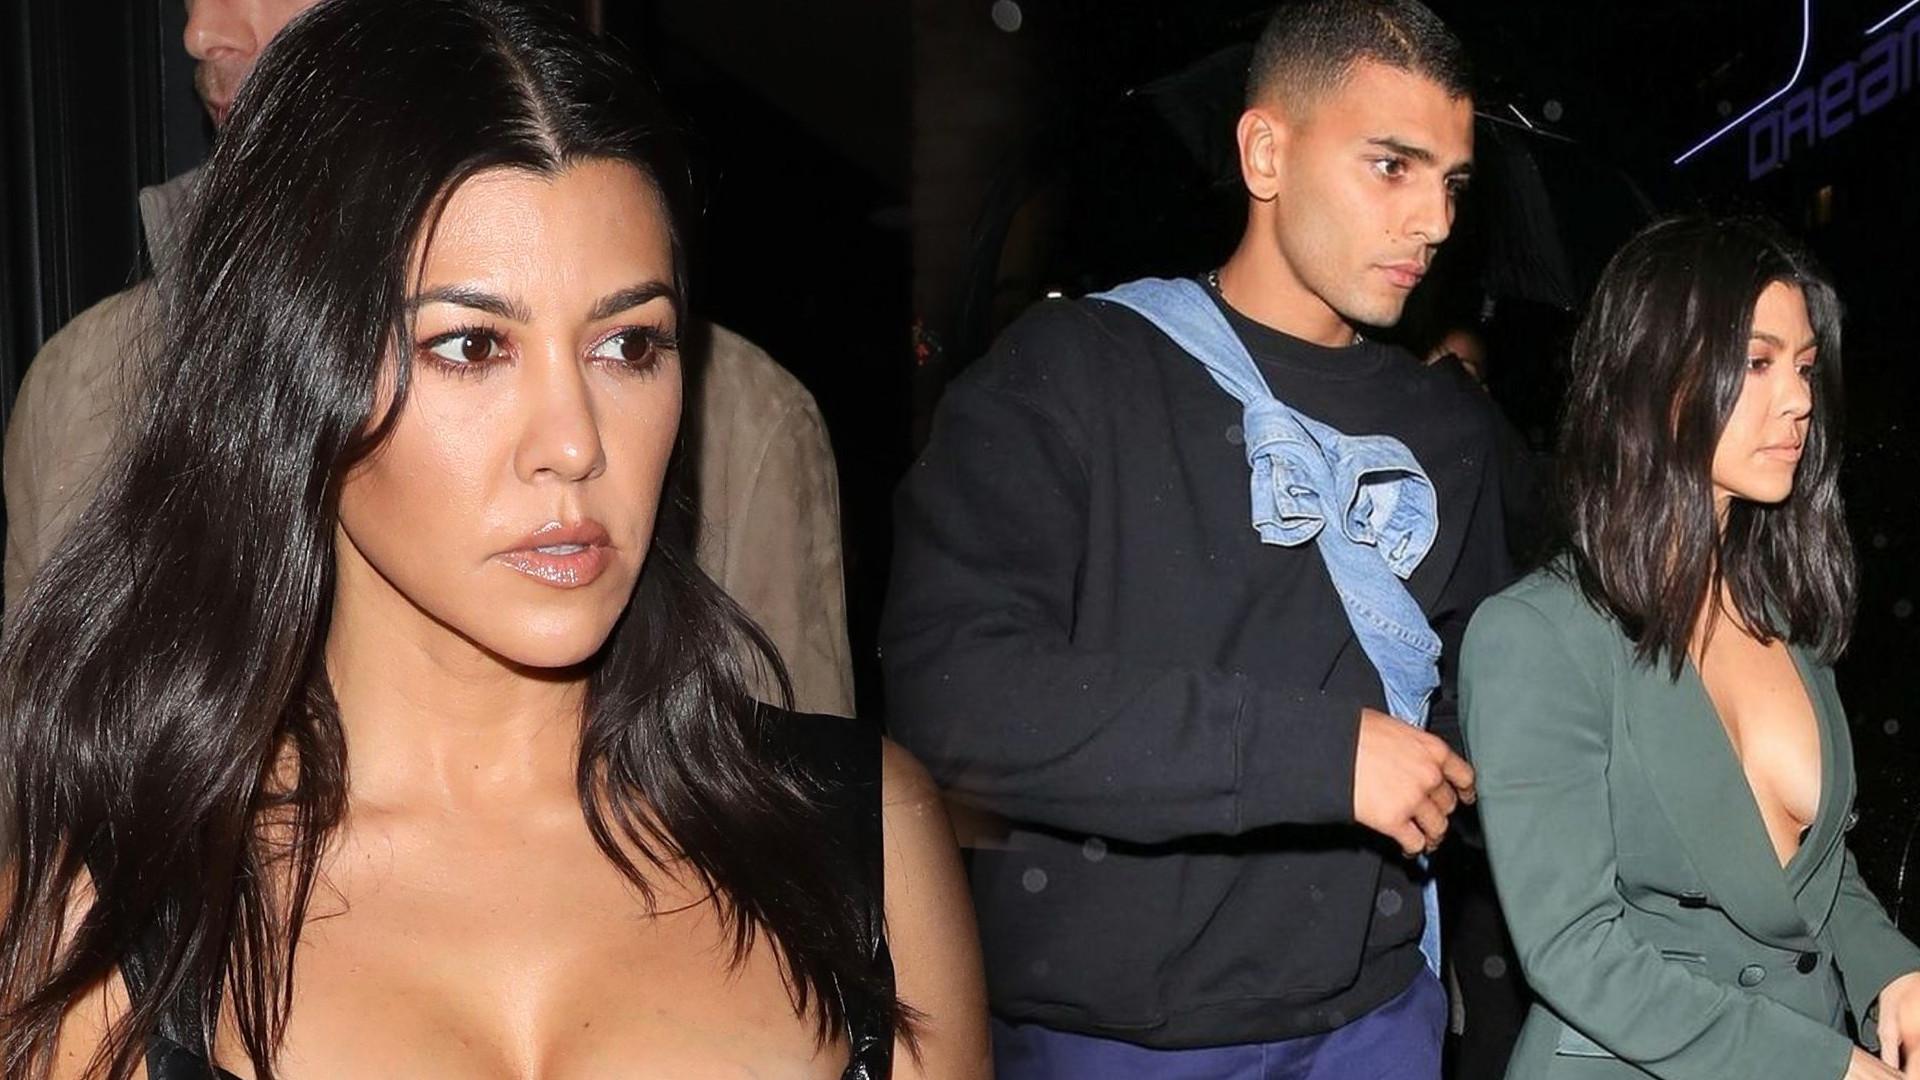 Kourtney Kardashian podgrzewa atmosferę na Instagramie. Zapozowała NAGO w samym futrze!